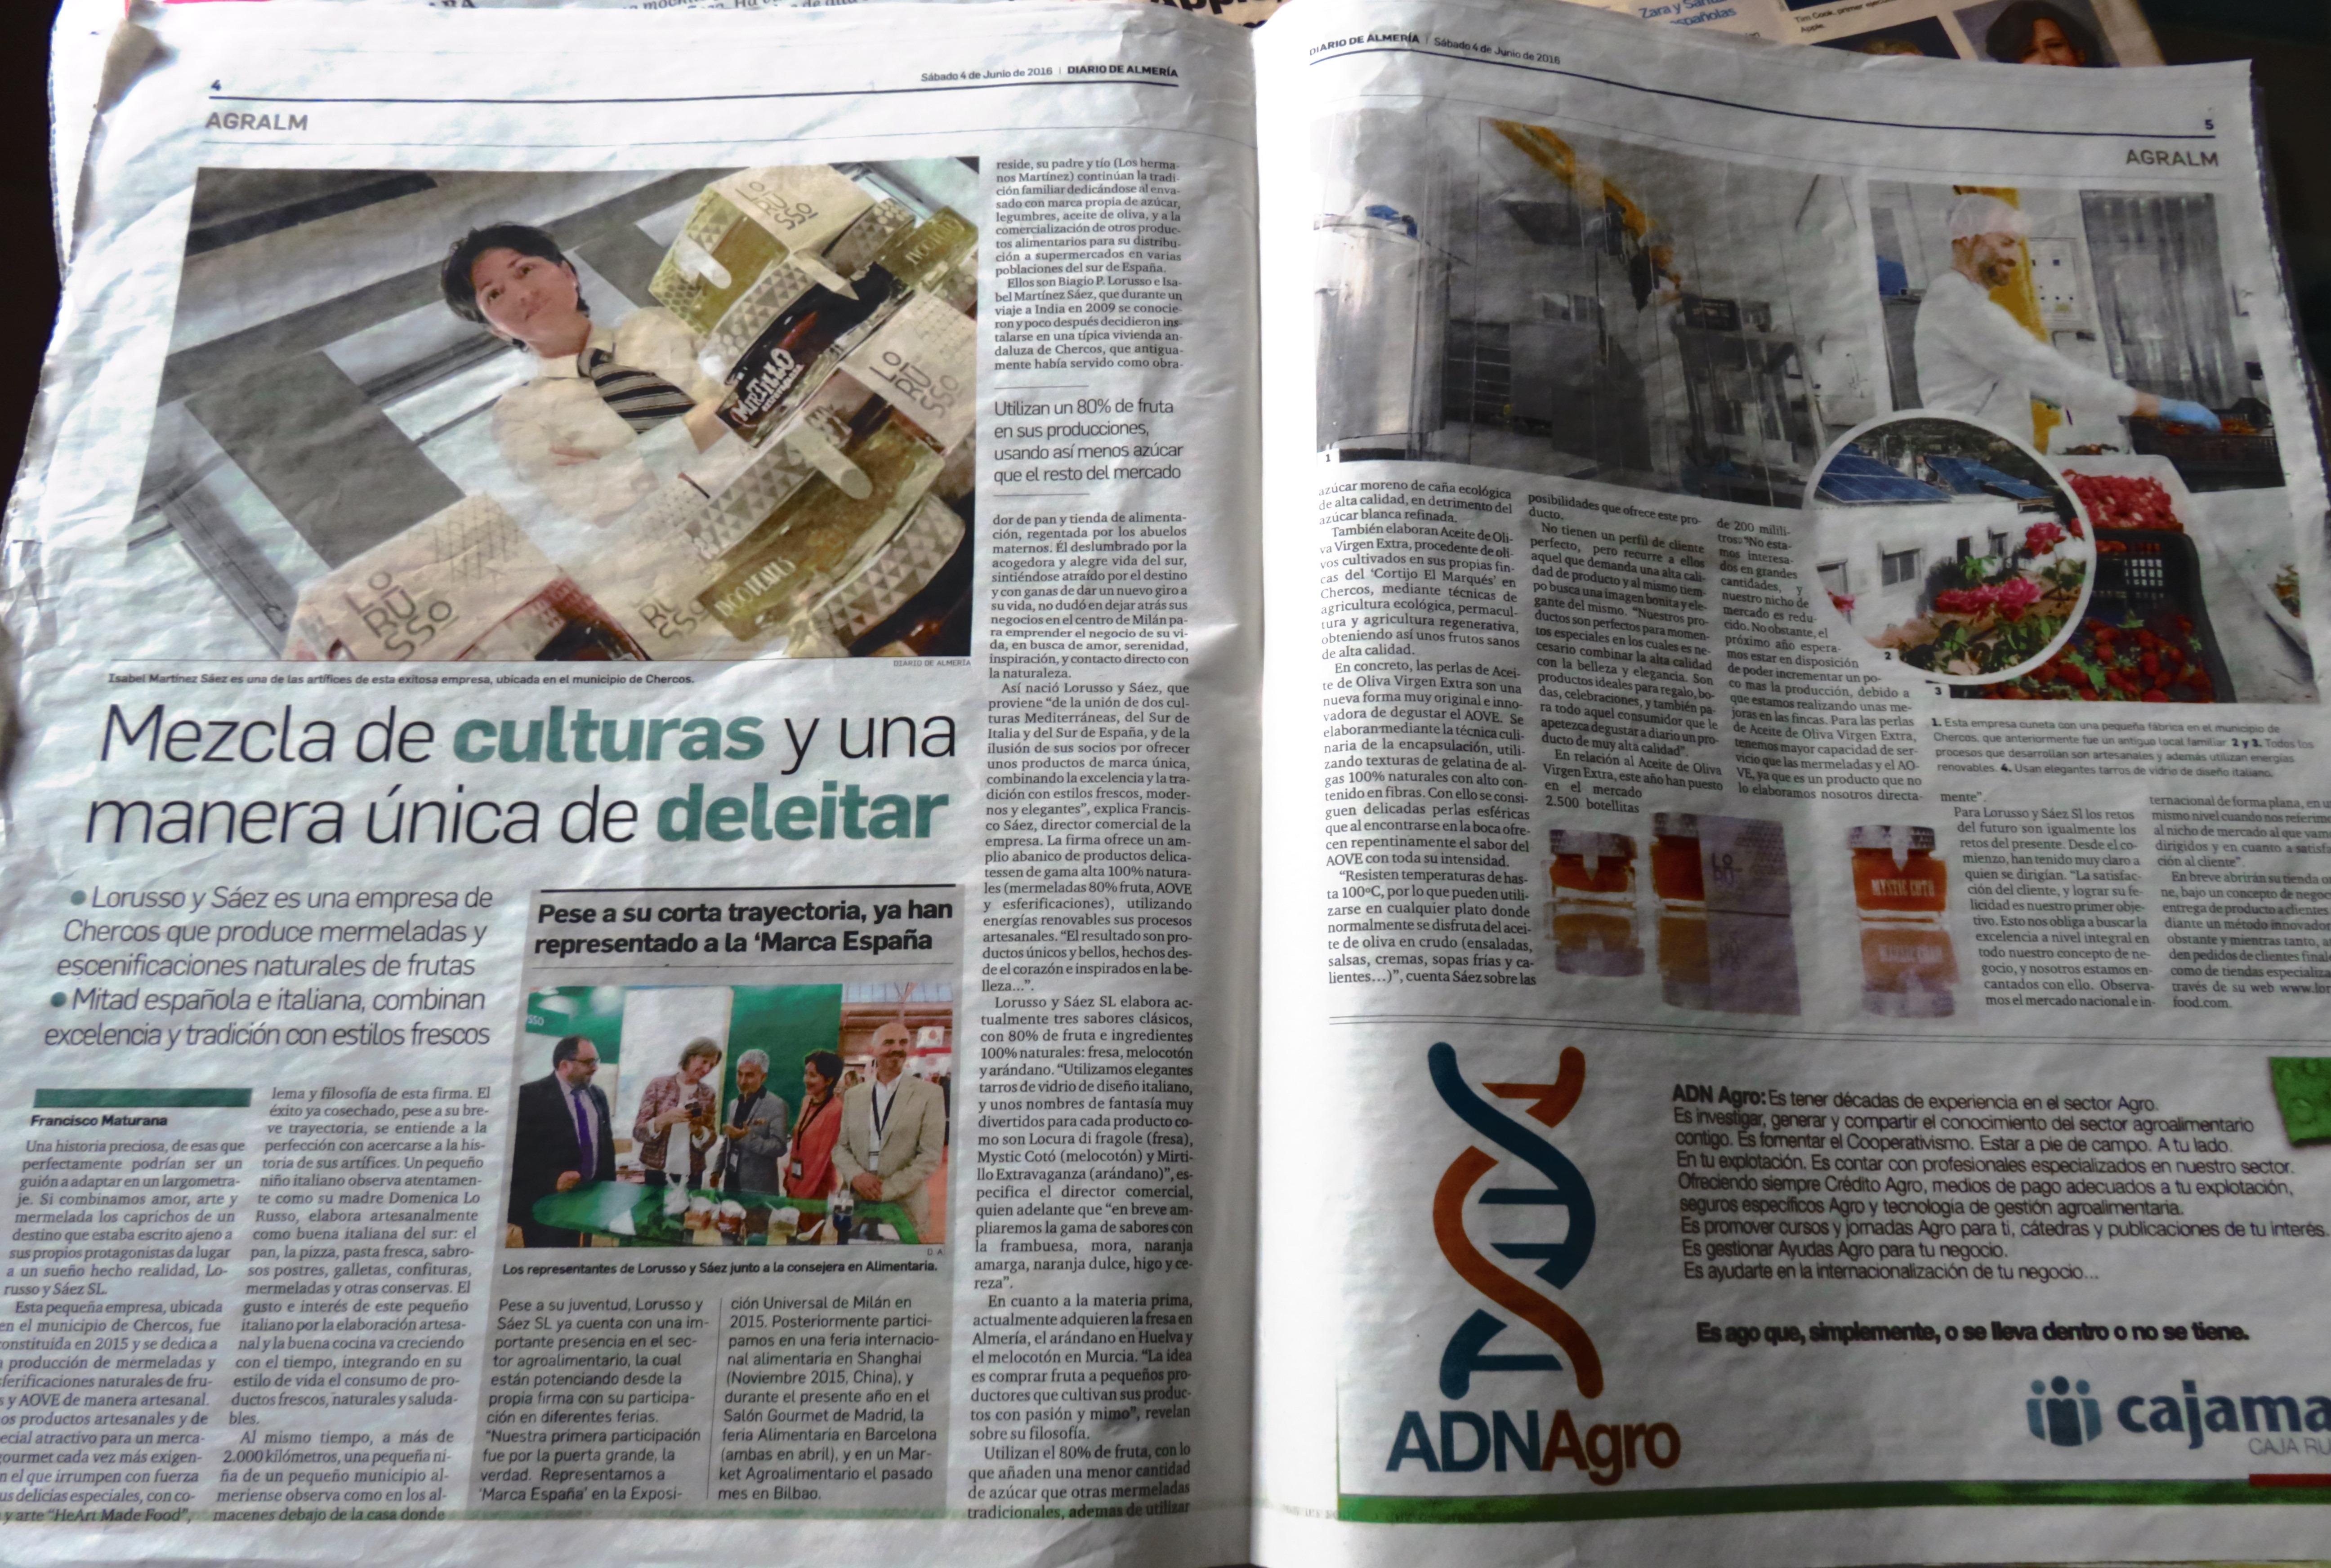 Mermeladas artesanles LoRUSSo en el Diario de Almería